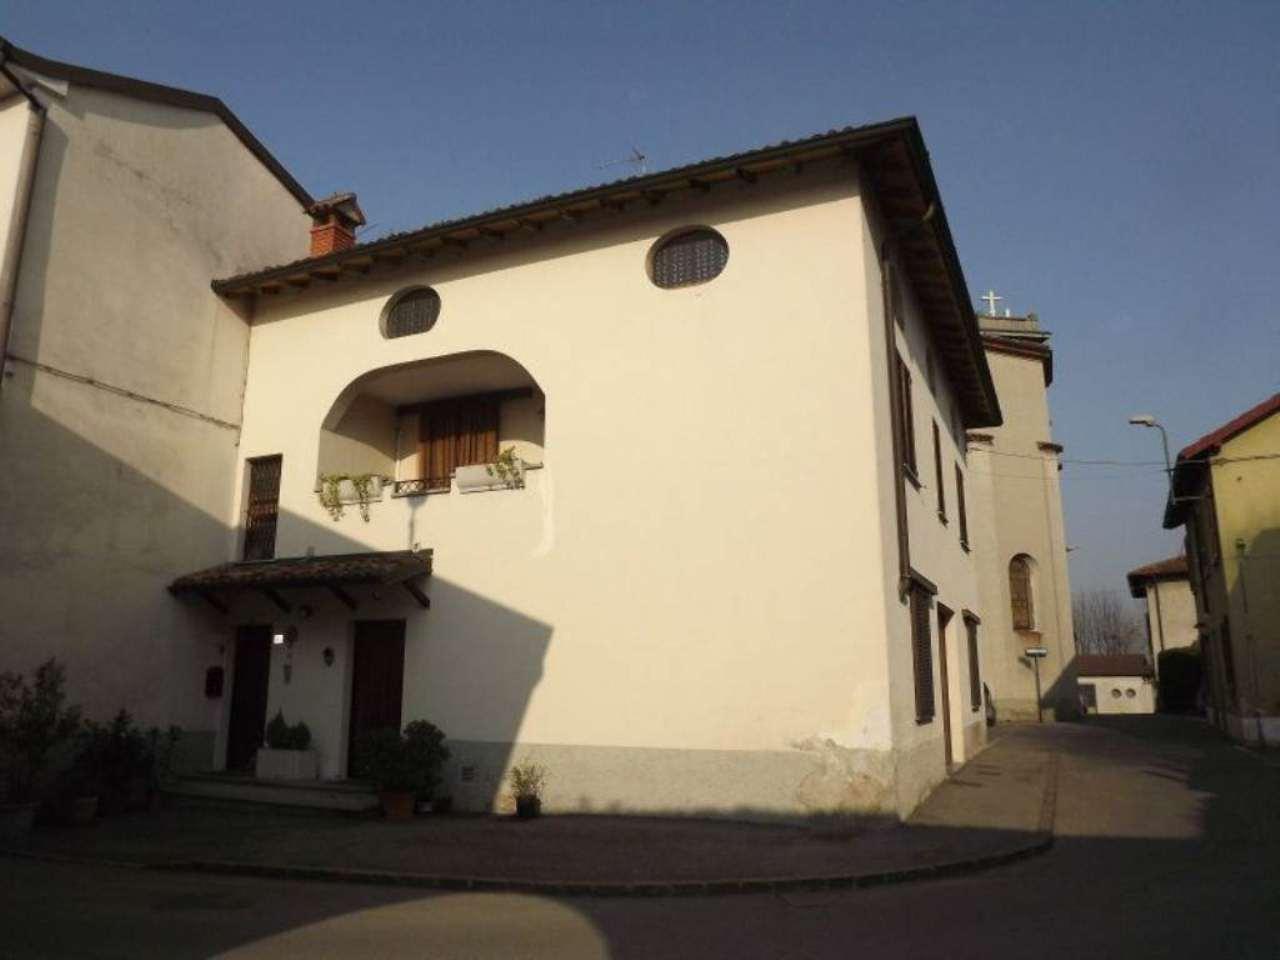 Soluzione Indipendente in vendita a Arzago d'Adda, 4 locali, prezzo € 180.000 | CambioCasa.it